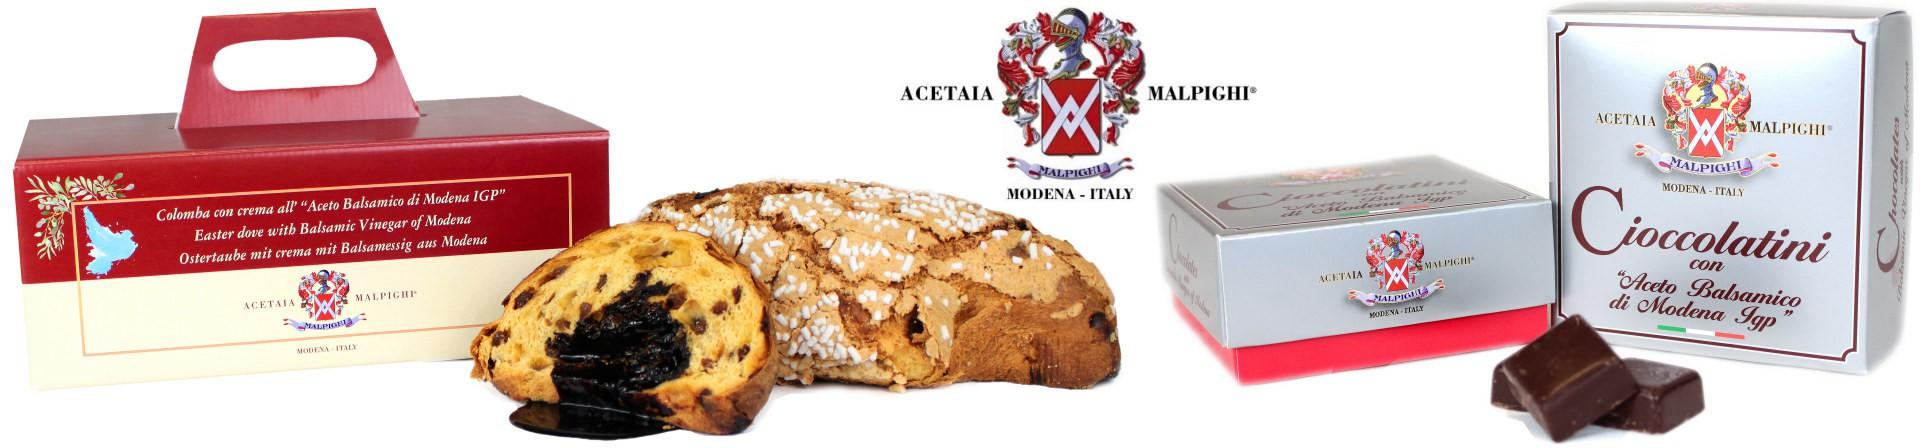 vendita online colomba pasquale all'aceto balsamico - ACETAIA MALPIGHI